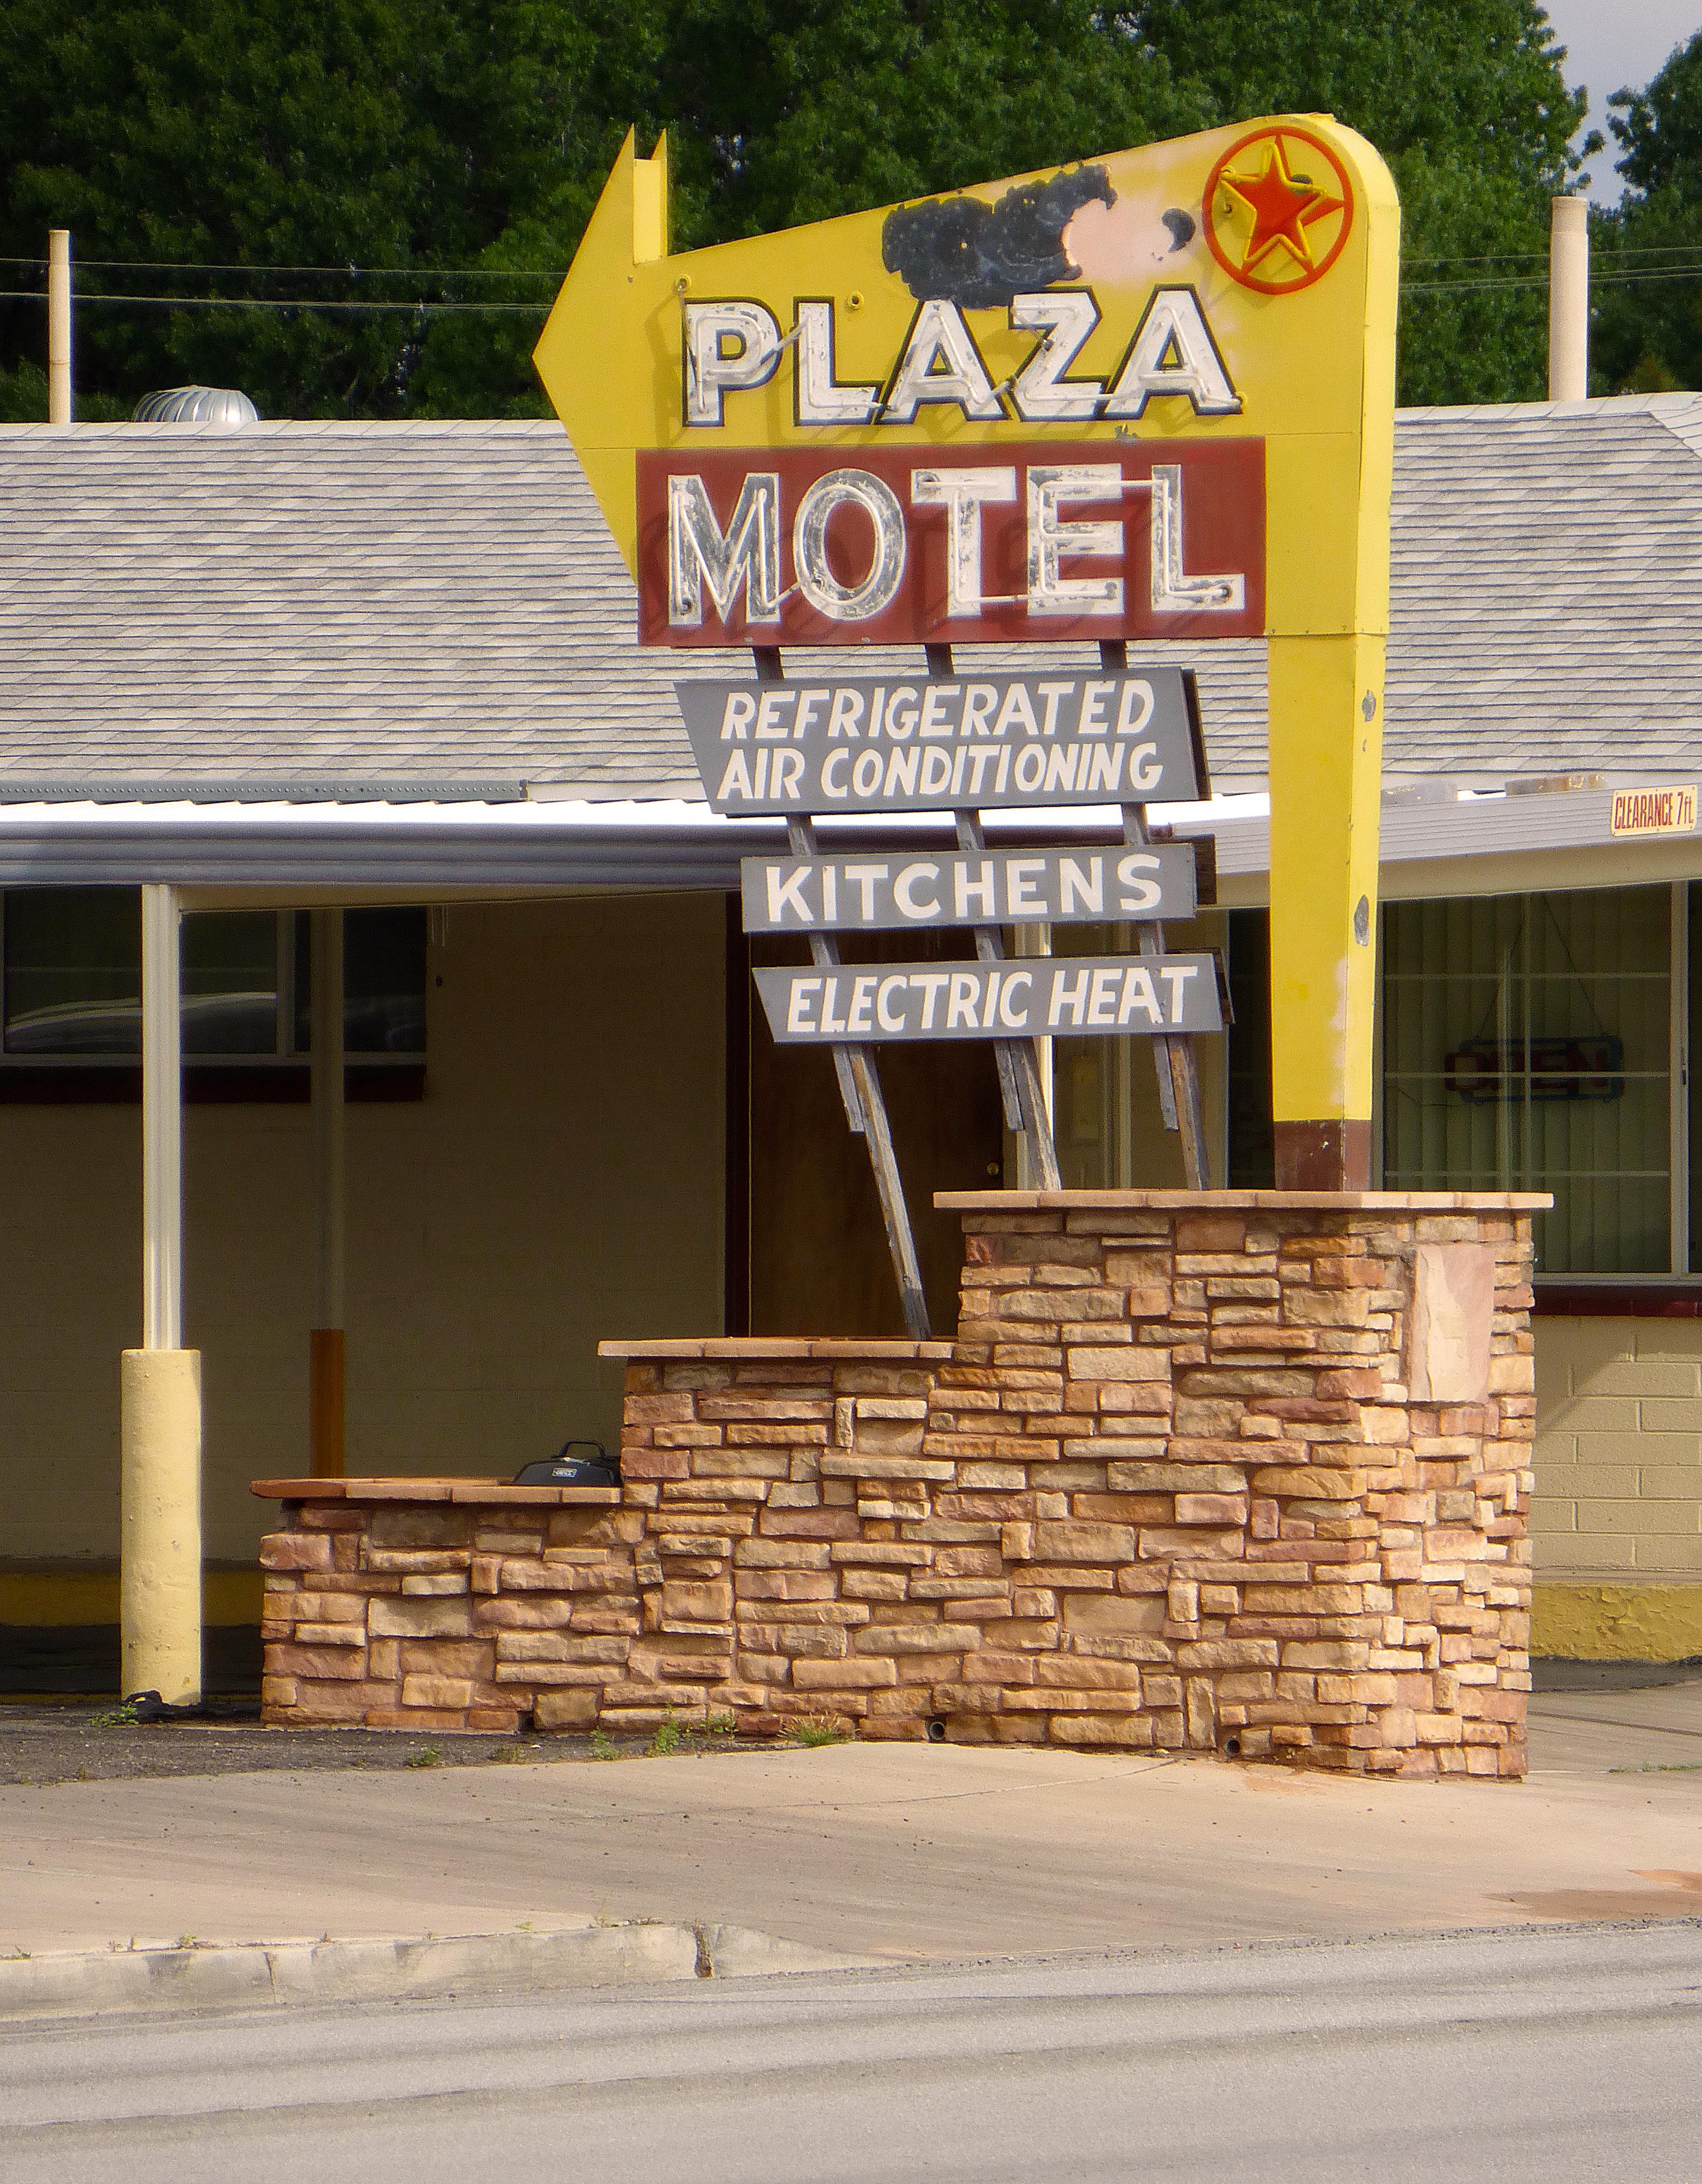 Plaza Motel - 207 Moapa Valley Boulevard, Moapa Valley, Nevada U.S.A. - April 10, 2016